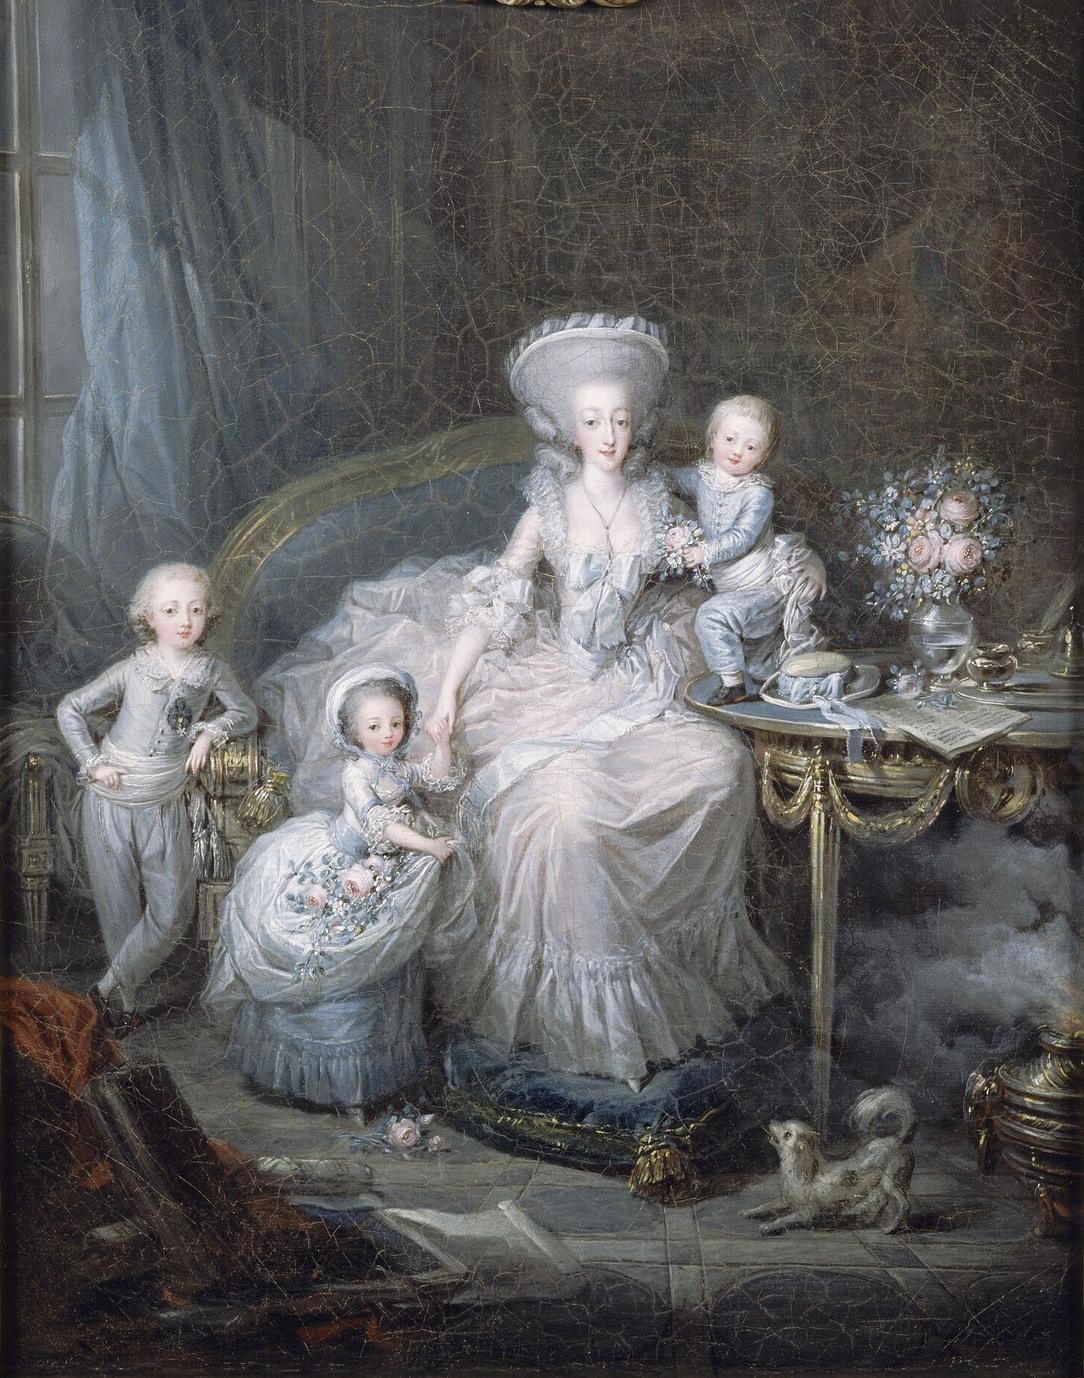 https://upload.wikimedia.org/wikipedia/commons/2/2c/Famille_de_la_comtesse_d%27Artois.jpg